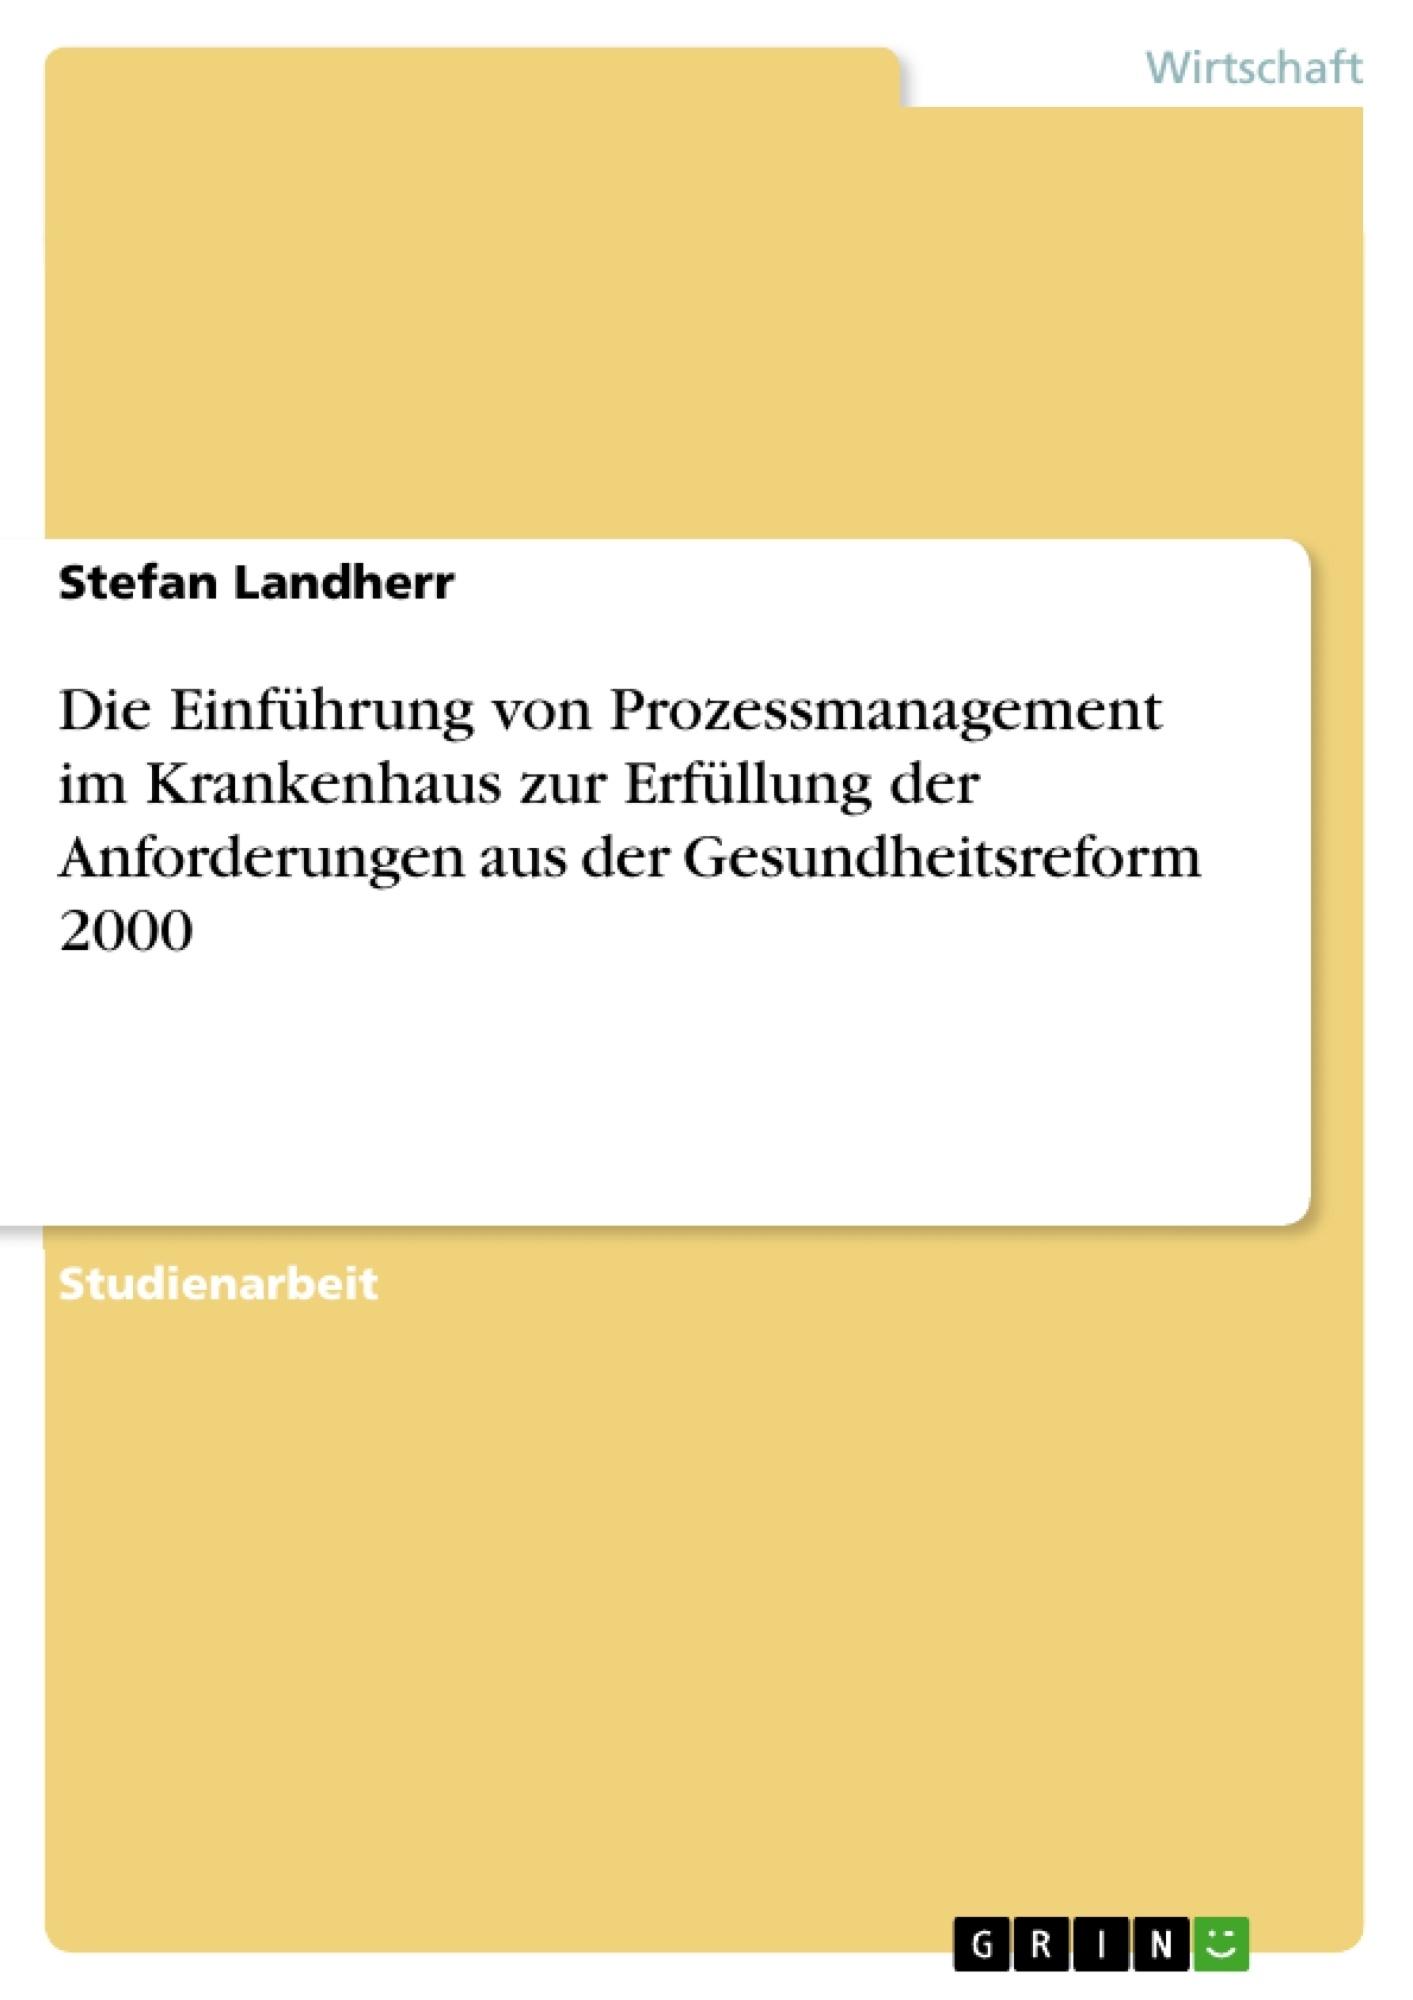 Titel: Die Einführung von Prozessmanagement im Krankenhaus zur Erfüllung der Anforderungen aus der Gesundheitsreform 2000